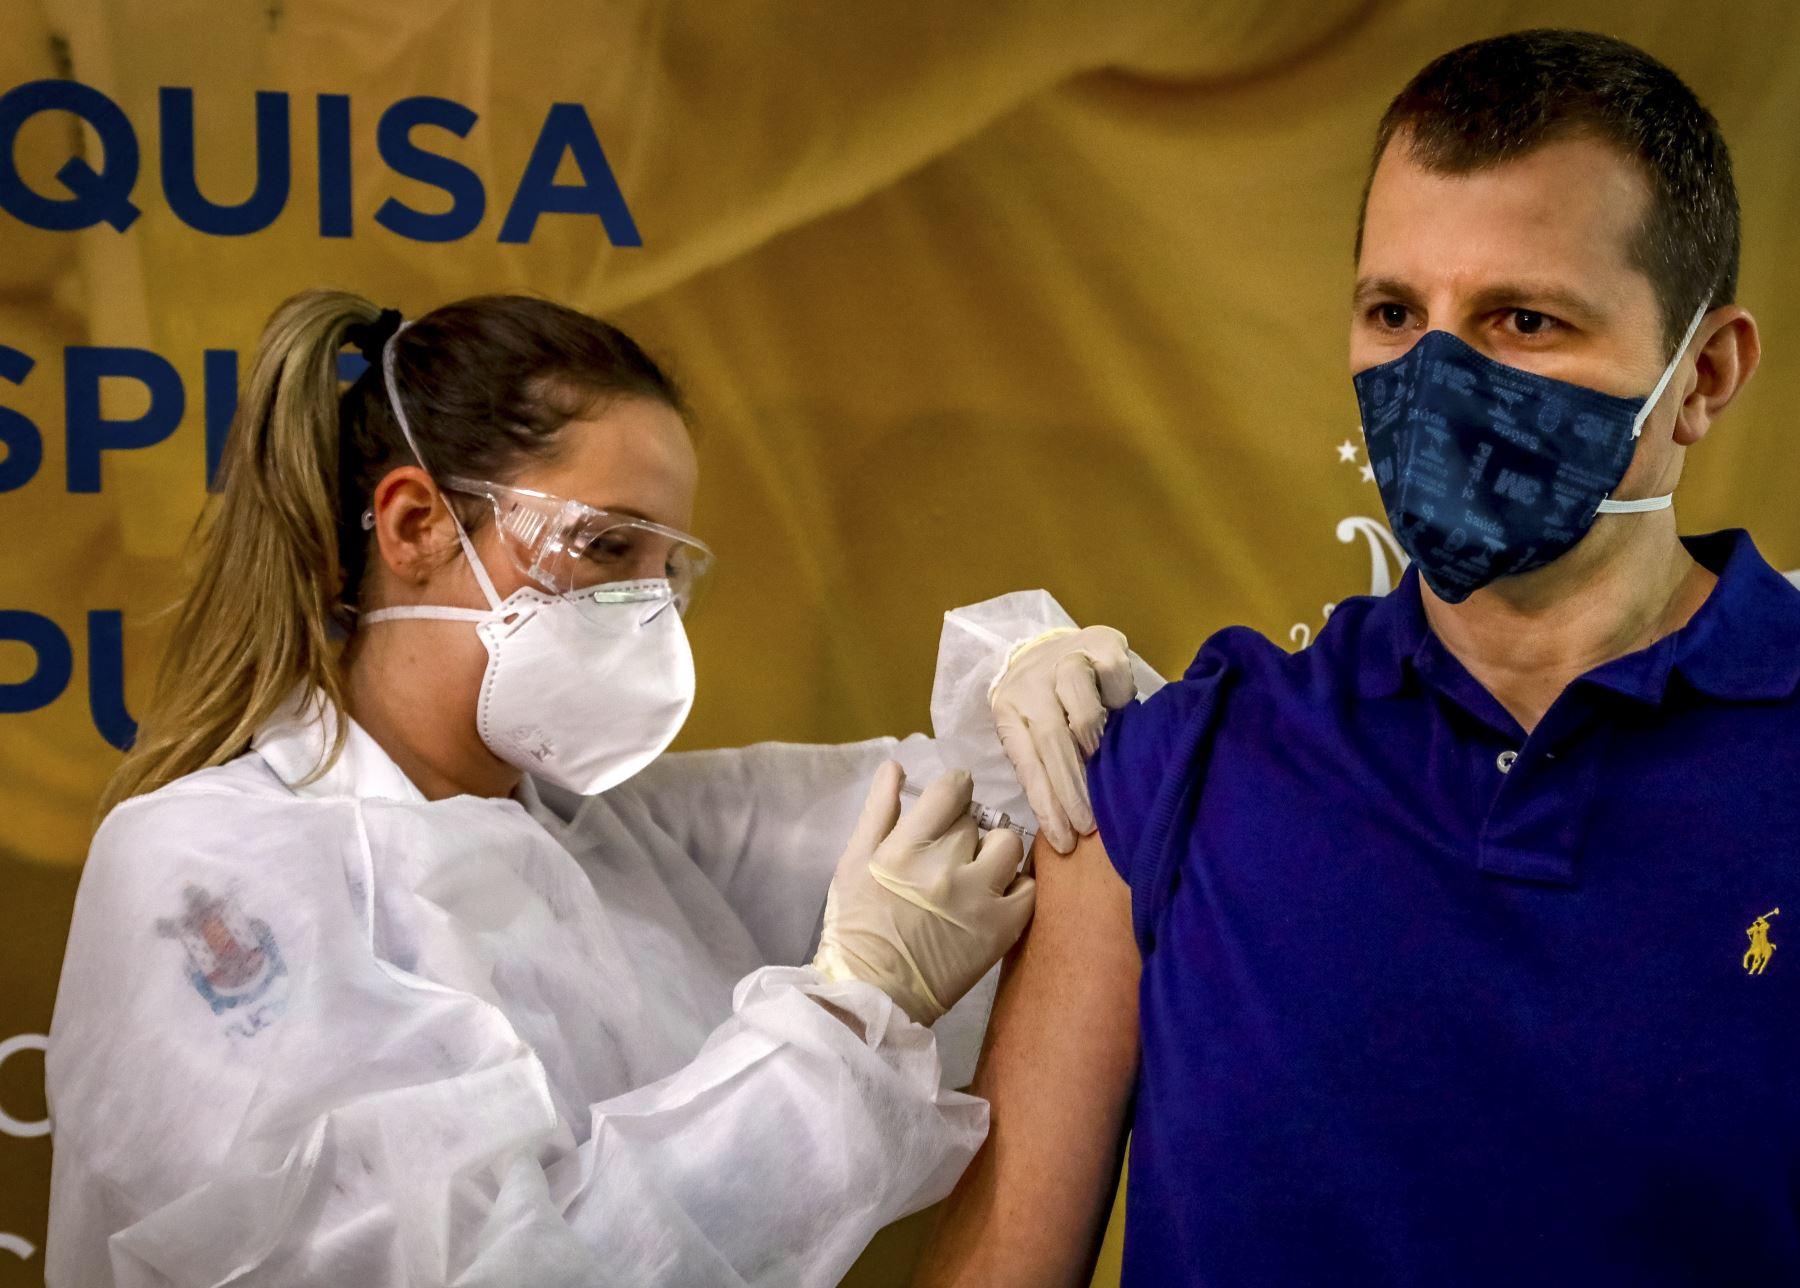 Un país vecino recibió miles de dosis de la vacuna china